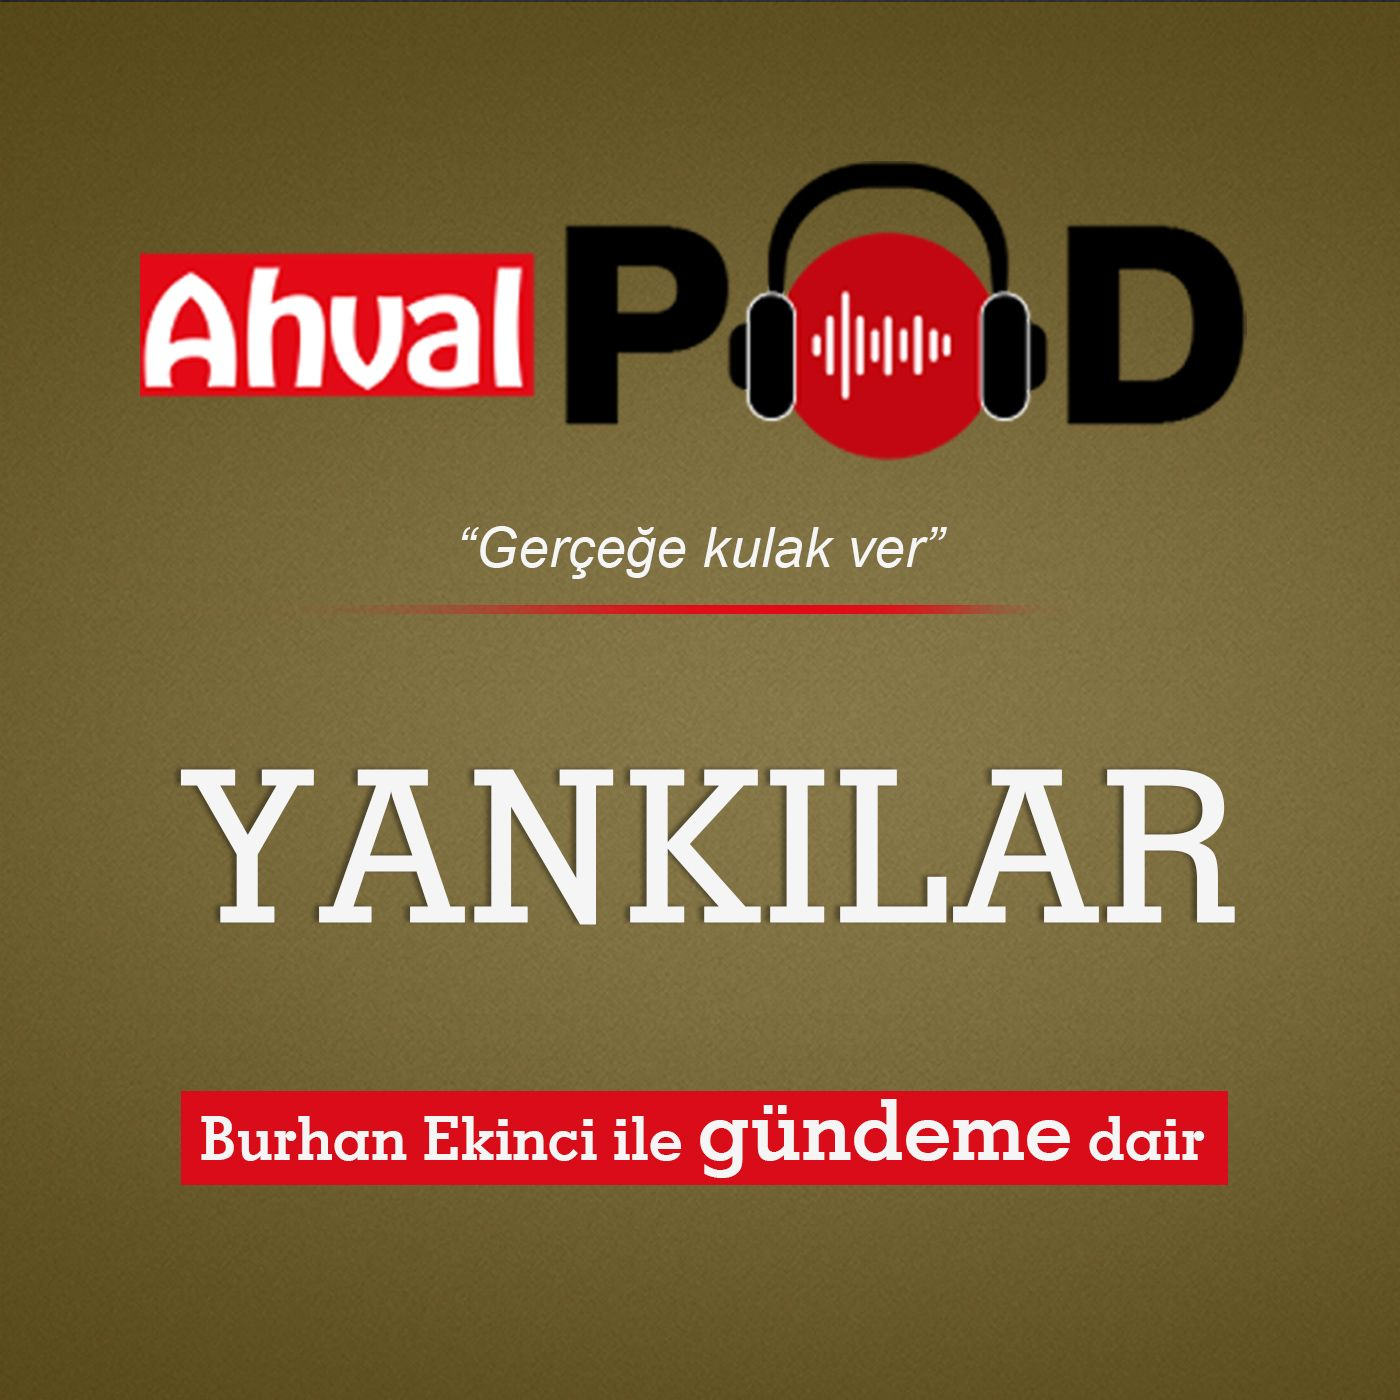 HDP'li vekil: 'İzmir'deki cinayet örgütlü ve planlı, hedeflenen büyük bir katliamdı'